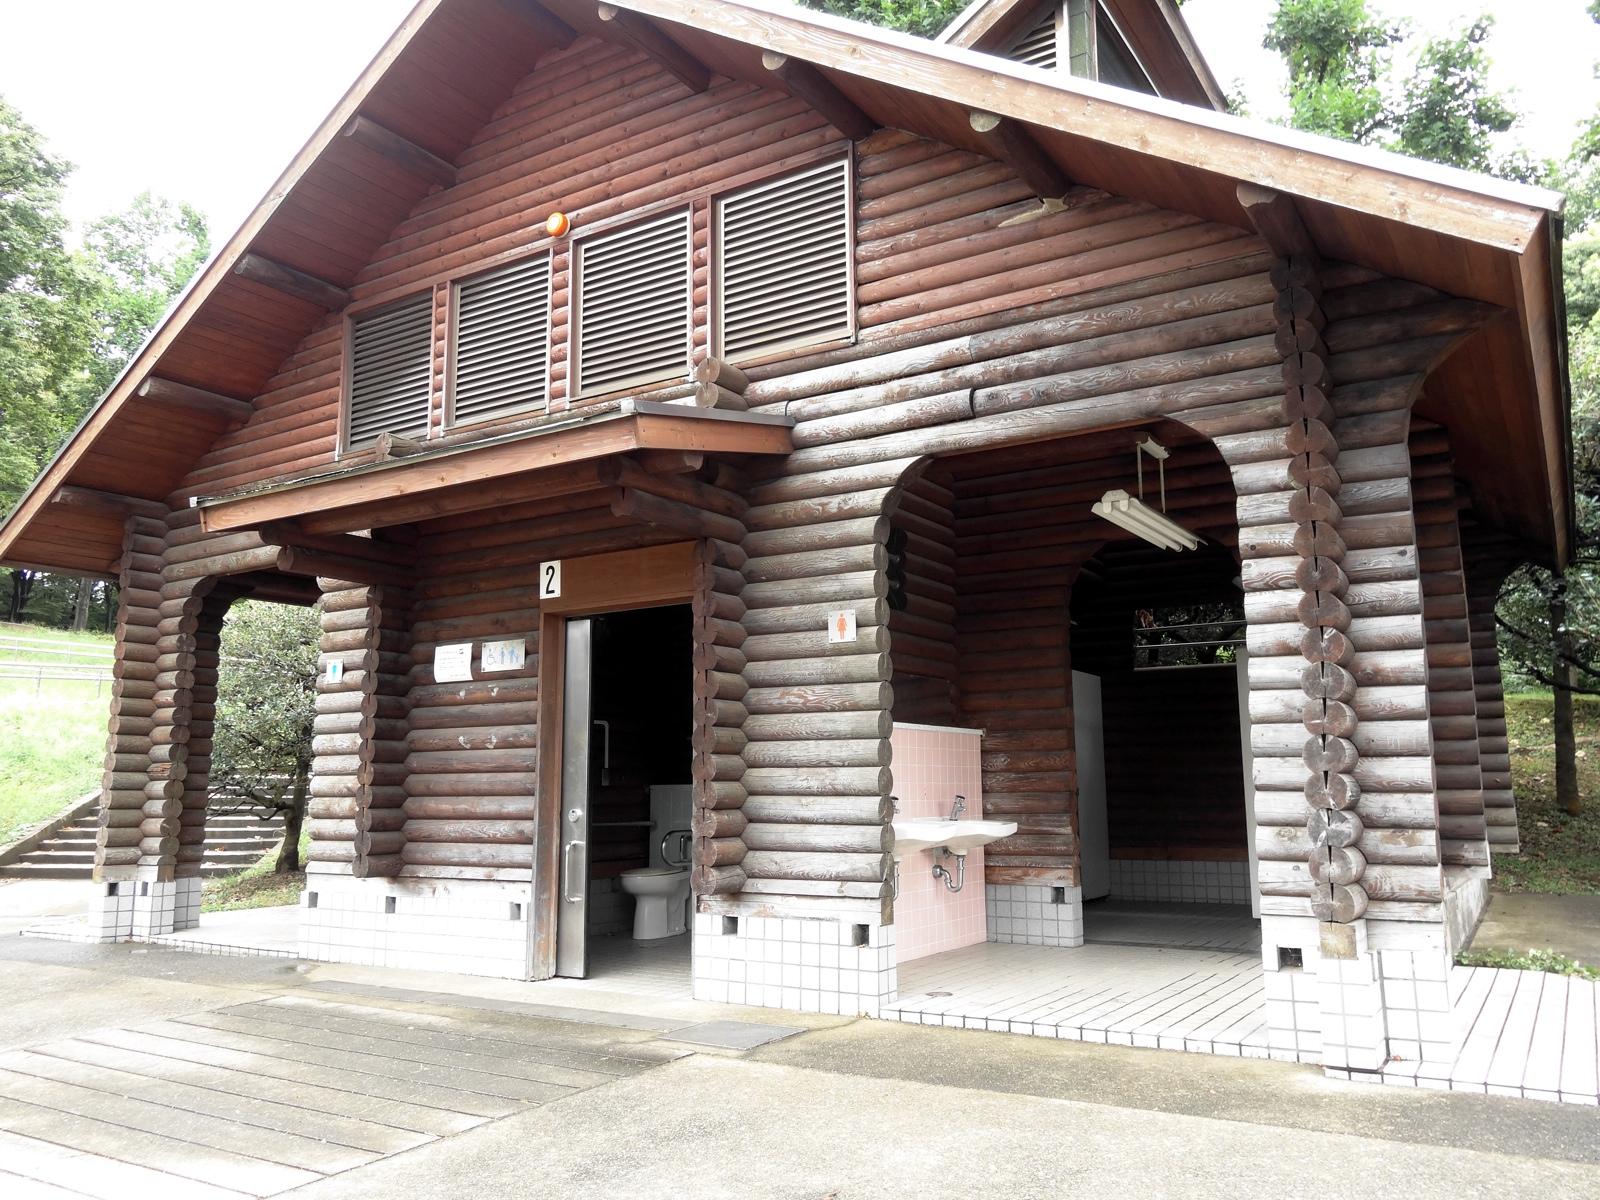 東京都内天サロスポット代々木公園のトイレ